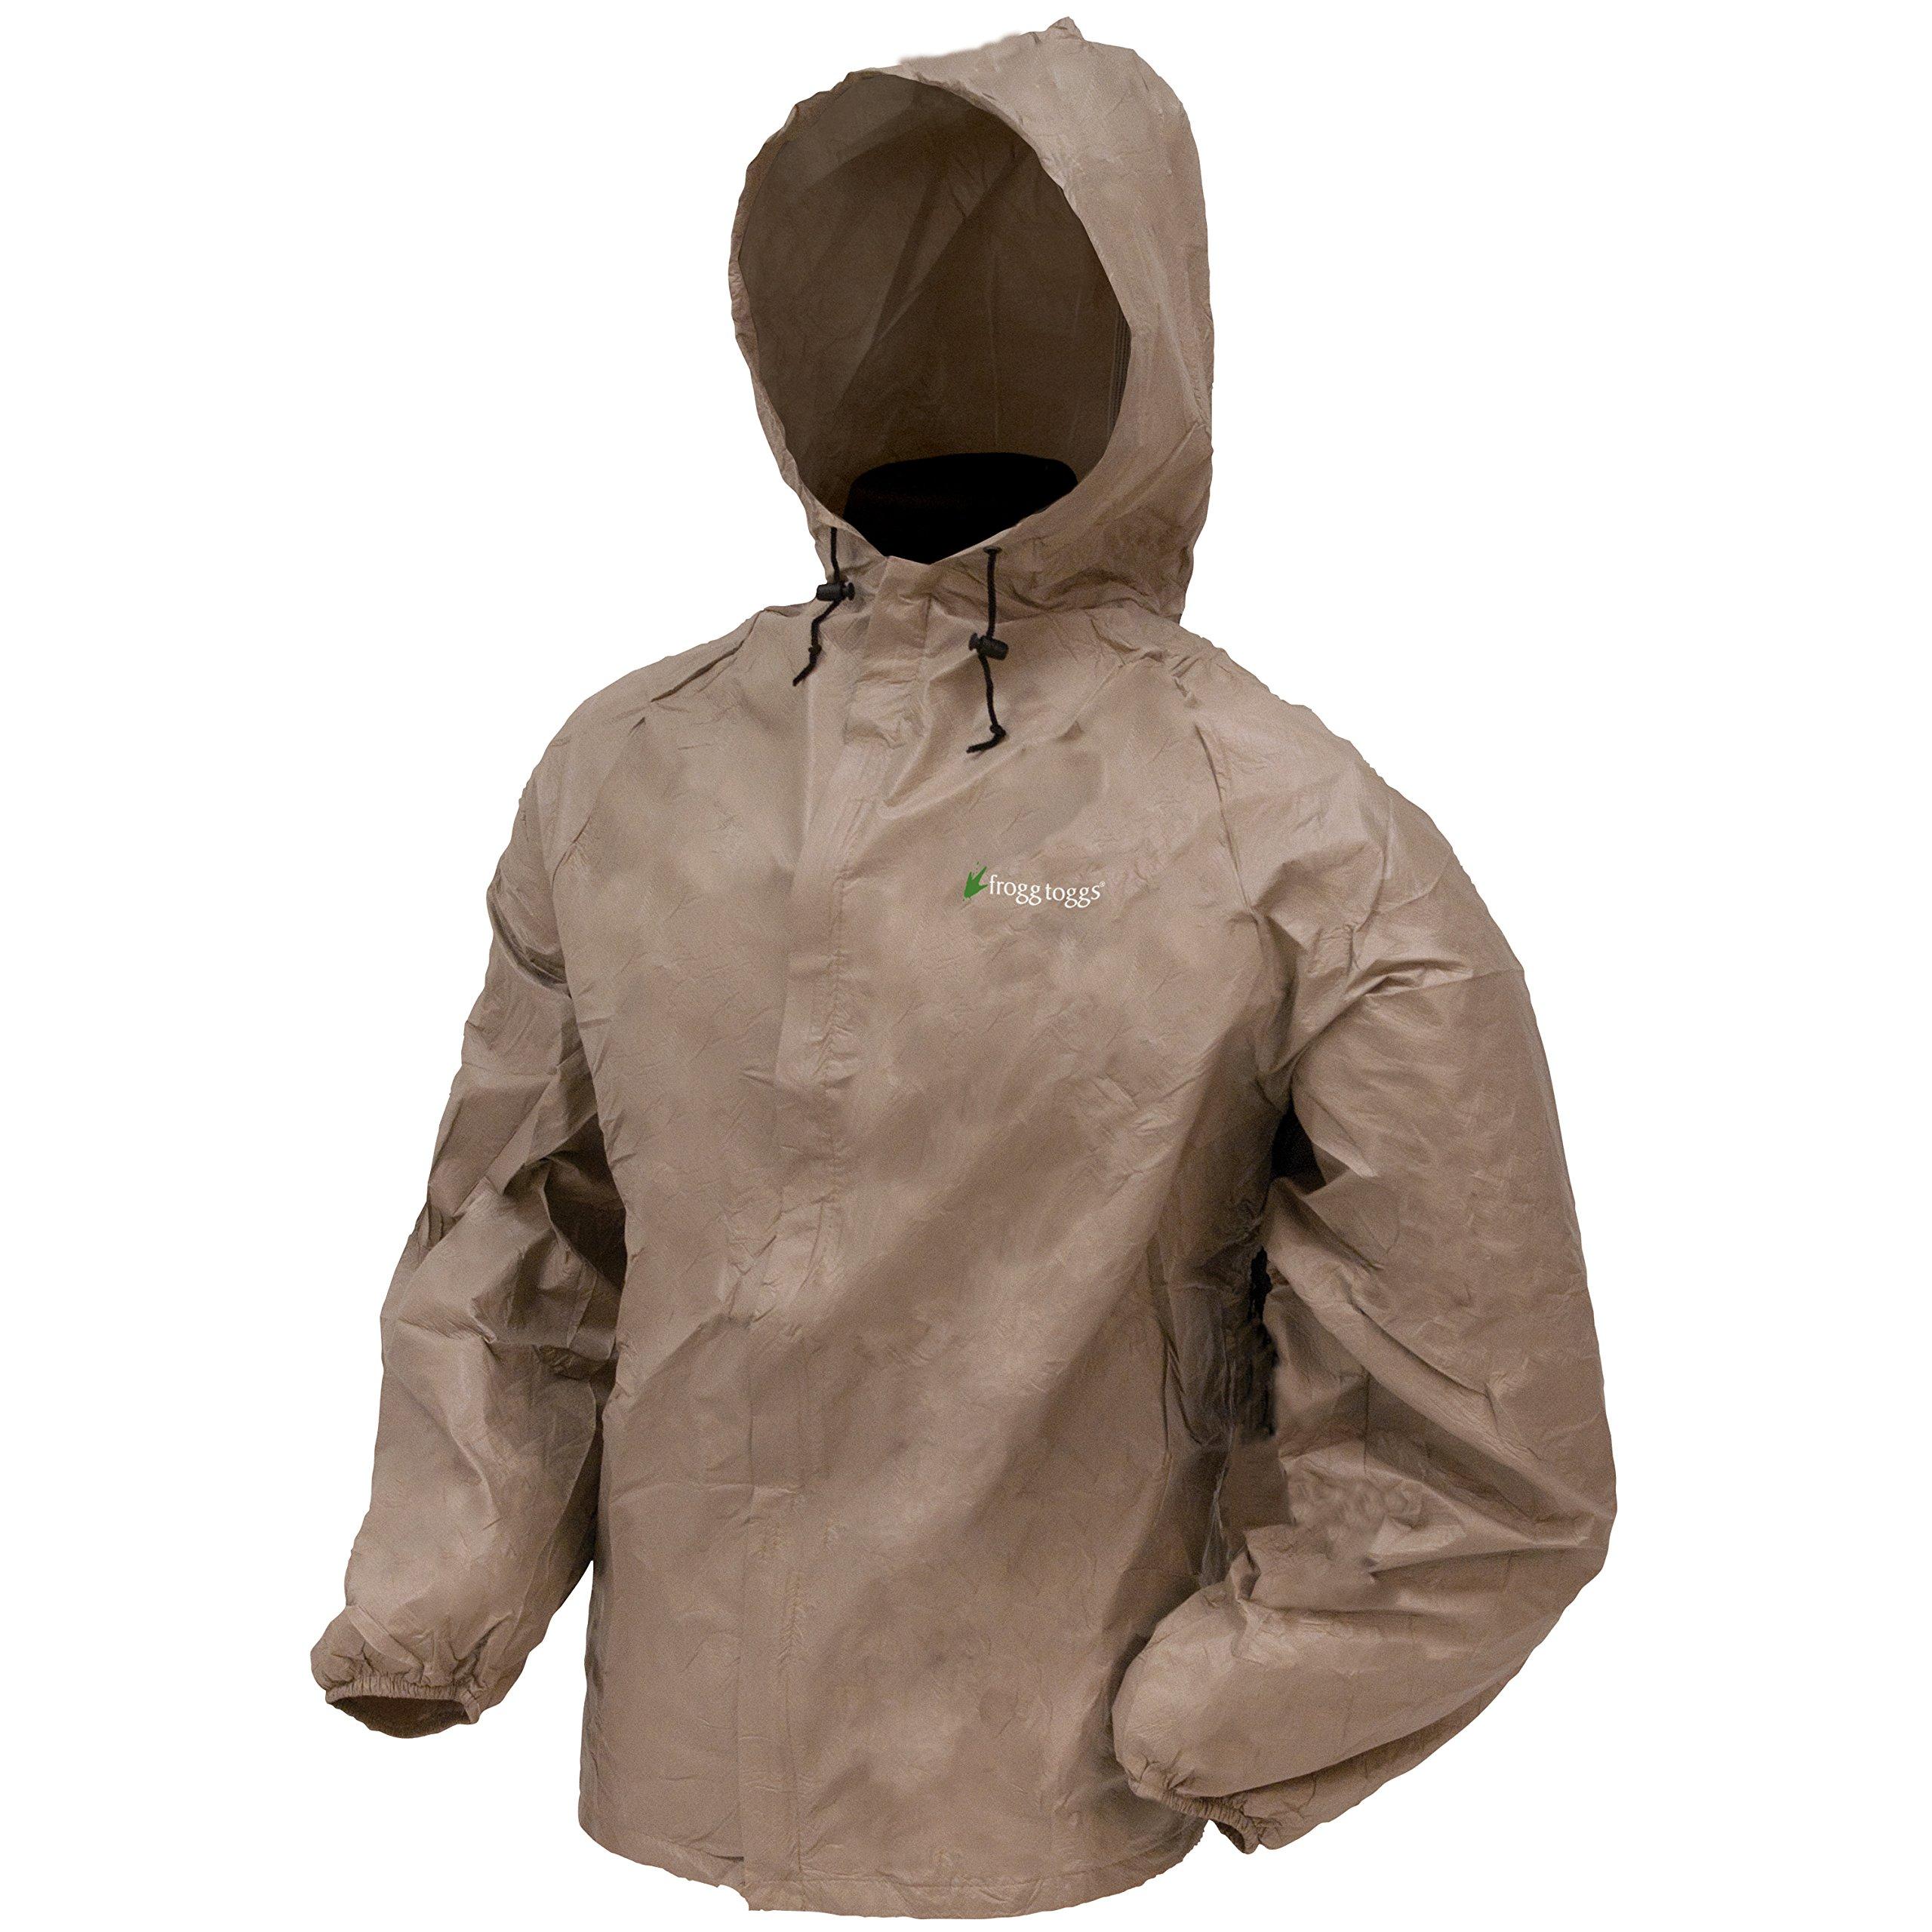 Frogg Toggs Men's Ultra Lite Rain Jacket, Khaki, X-Large